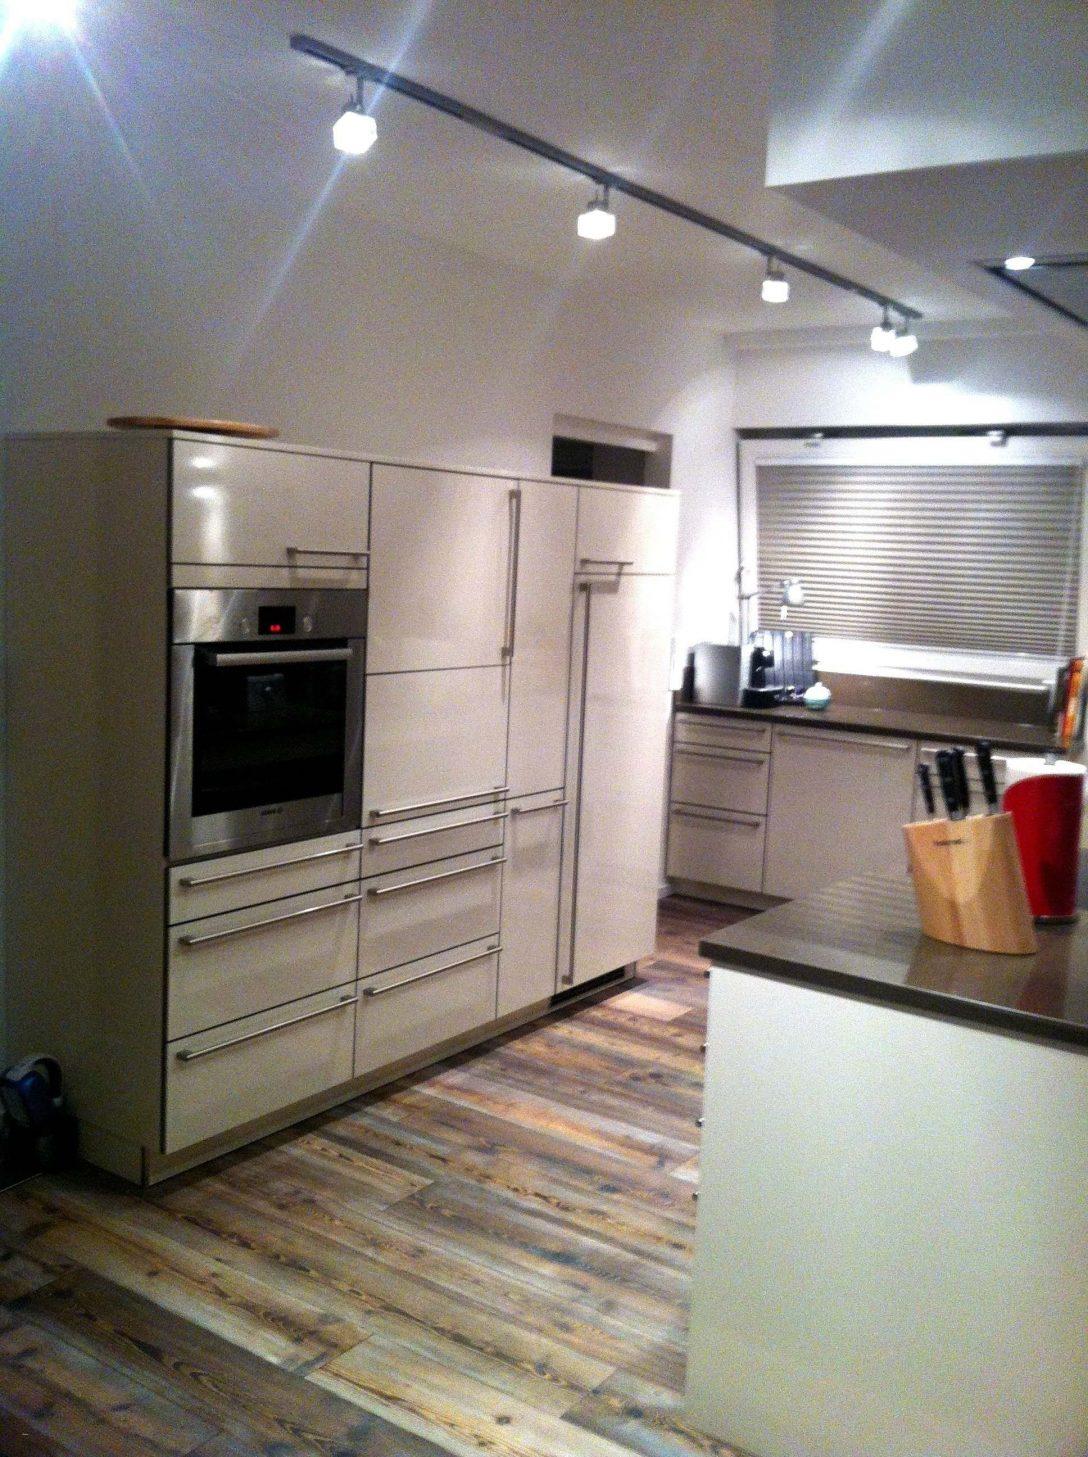 Large Size of 25 Luxus Einbaukche Mit Viel Stauraum Kitchen Aluminium Verbundplatte Küche Beistelltisch Nolte Gardinen Für Die Spülbecken Hängeschrank Glastüren Küche Hängeschrank Küche Höhe